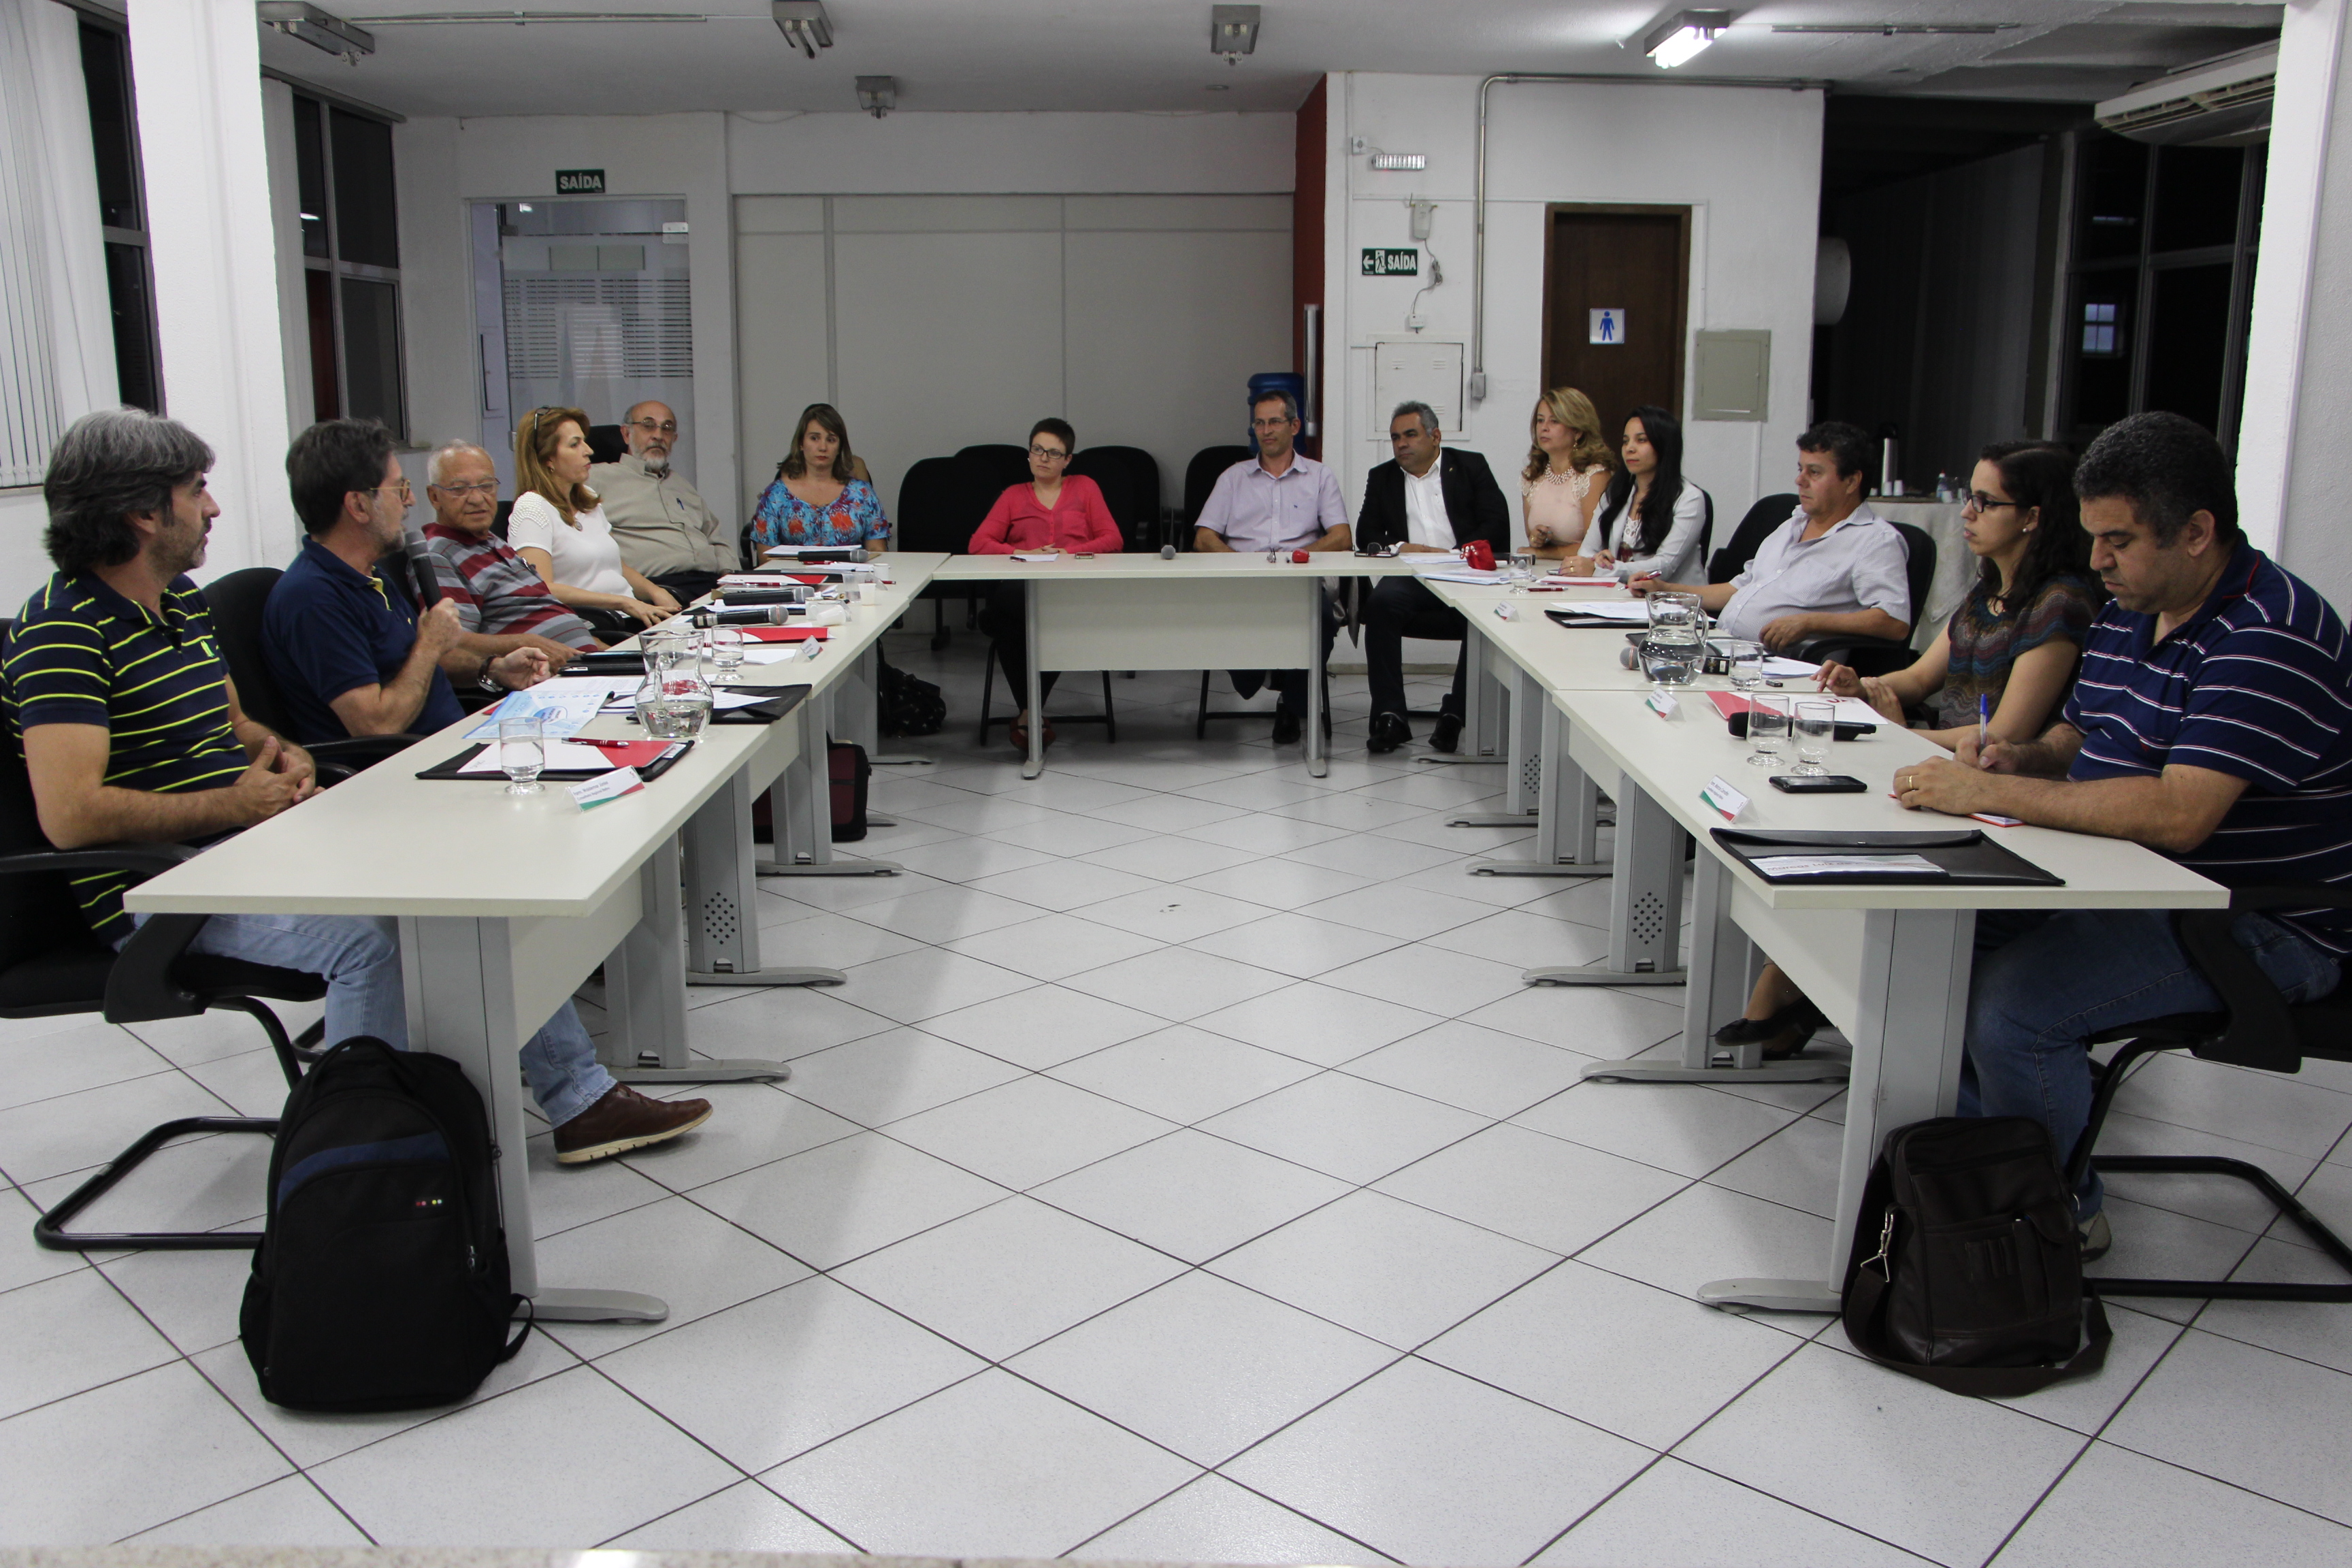 Segmento das Análises Clínicas é tema de debate na Plenária do CRF/MG